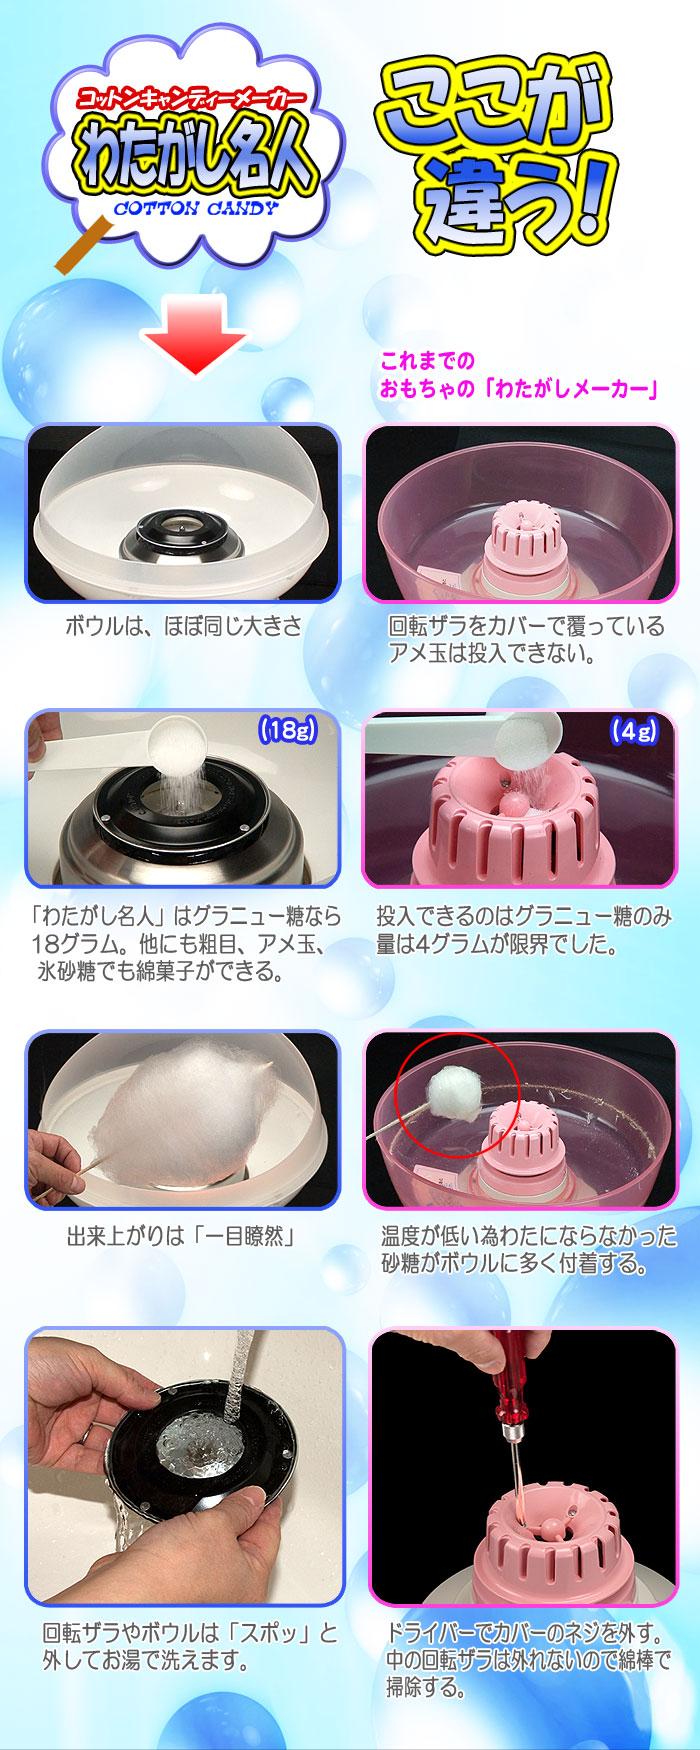 コットンキャンディーメーカー【わたがし名人】ブルー